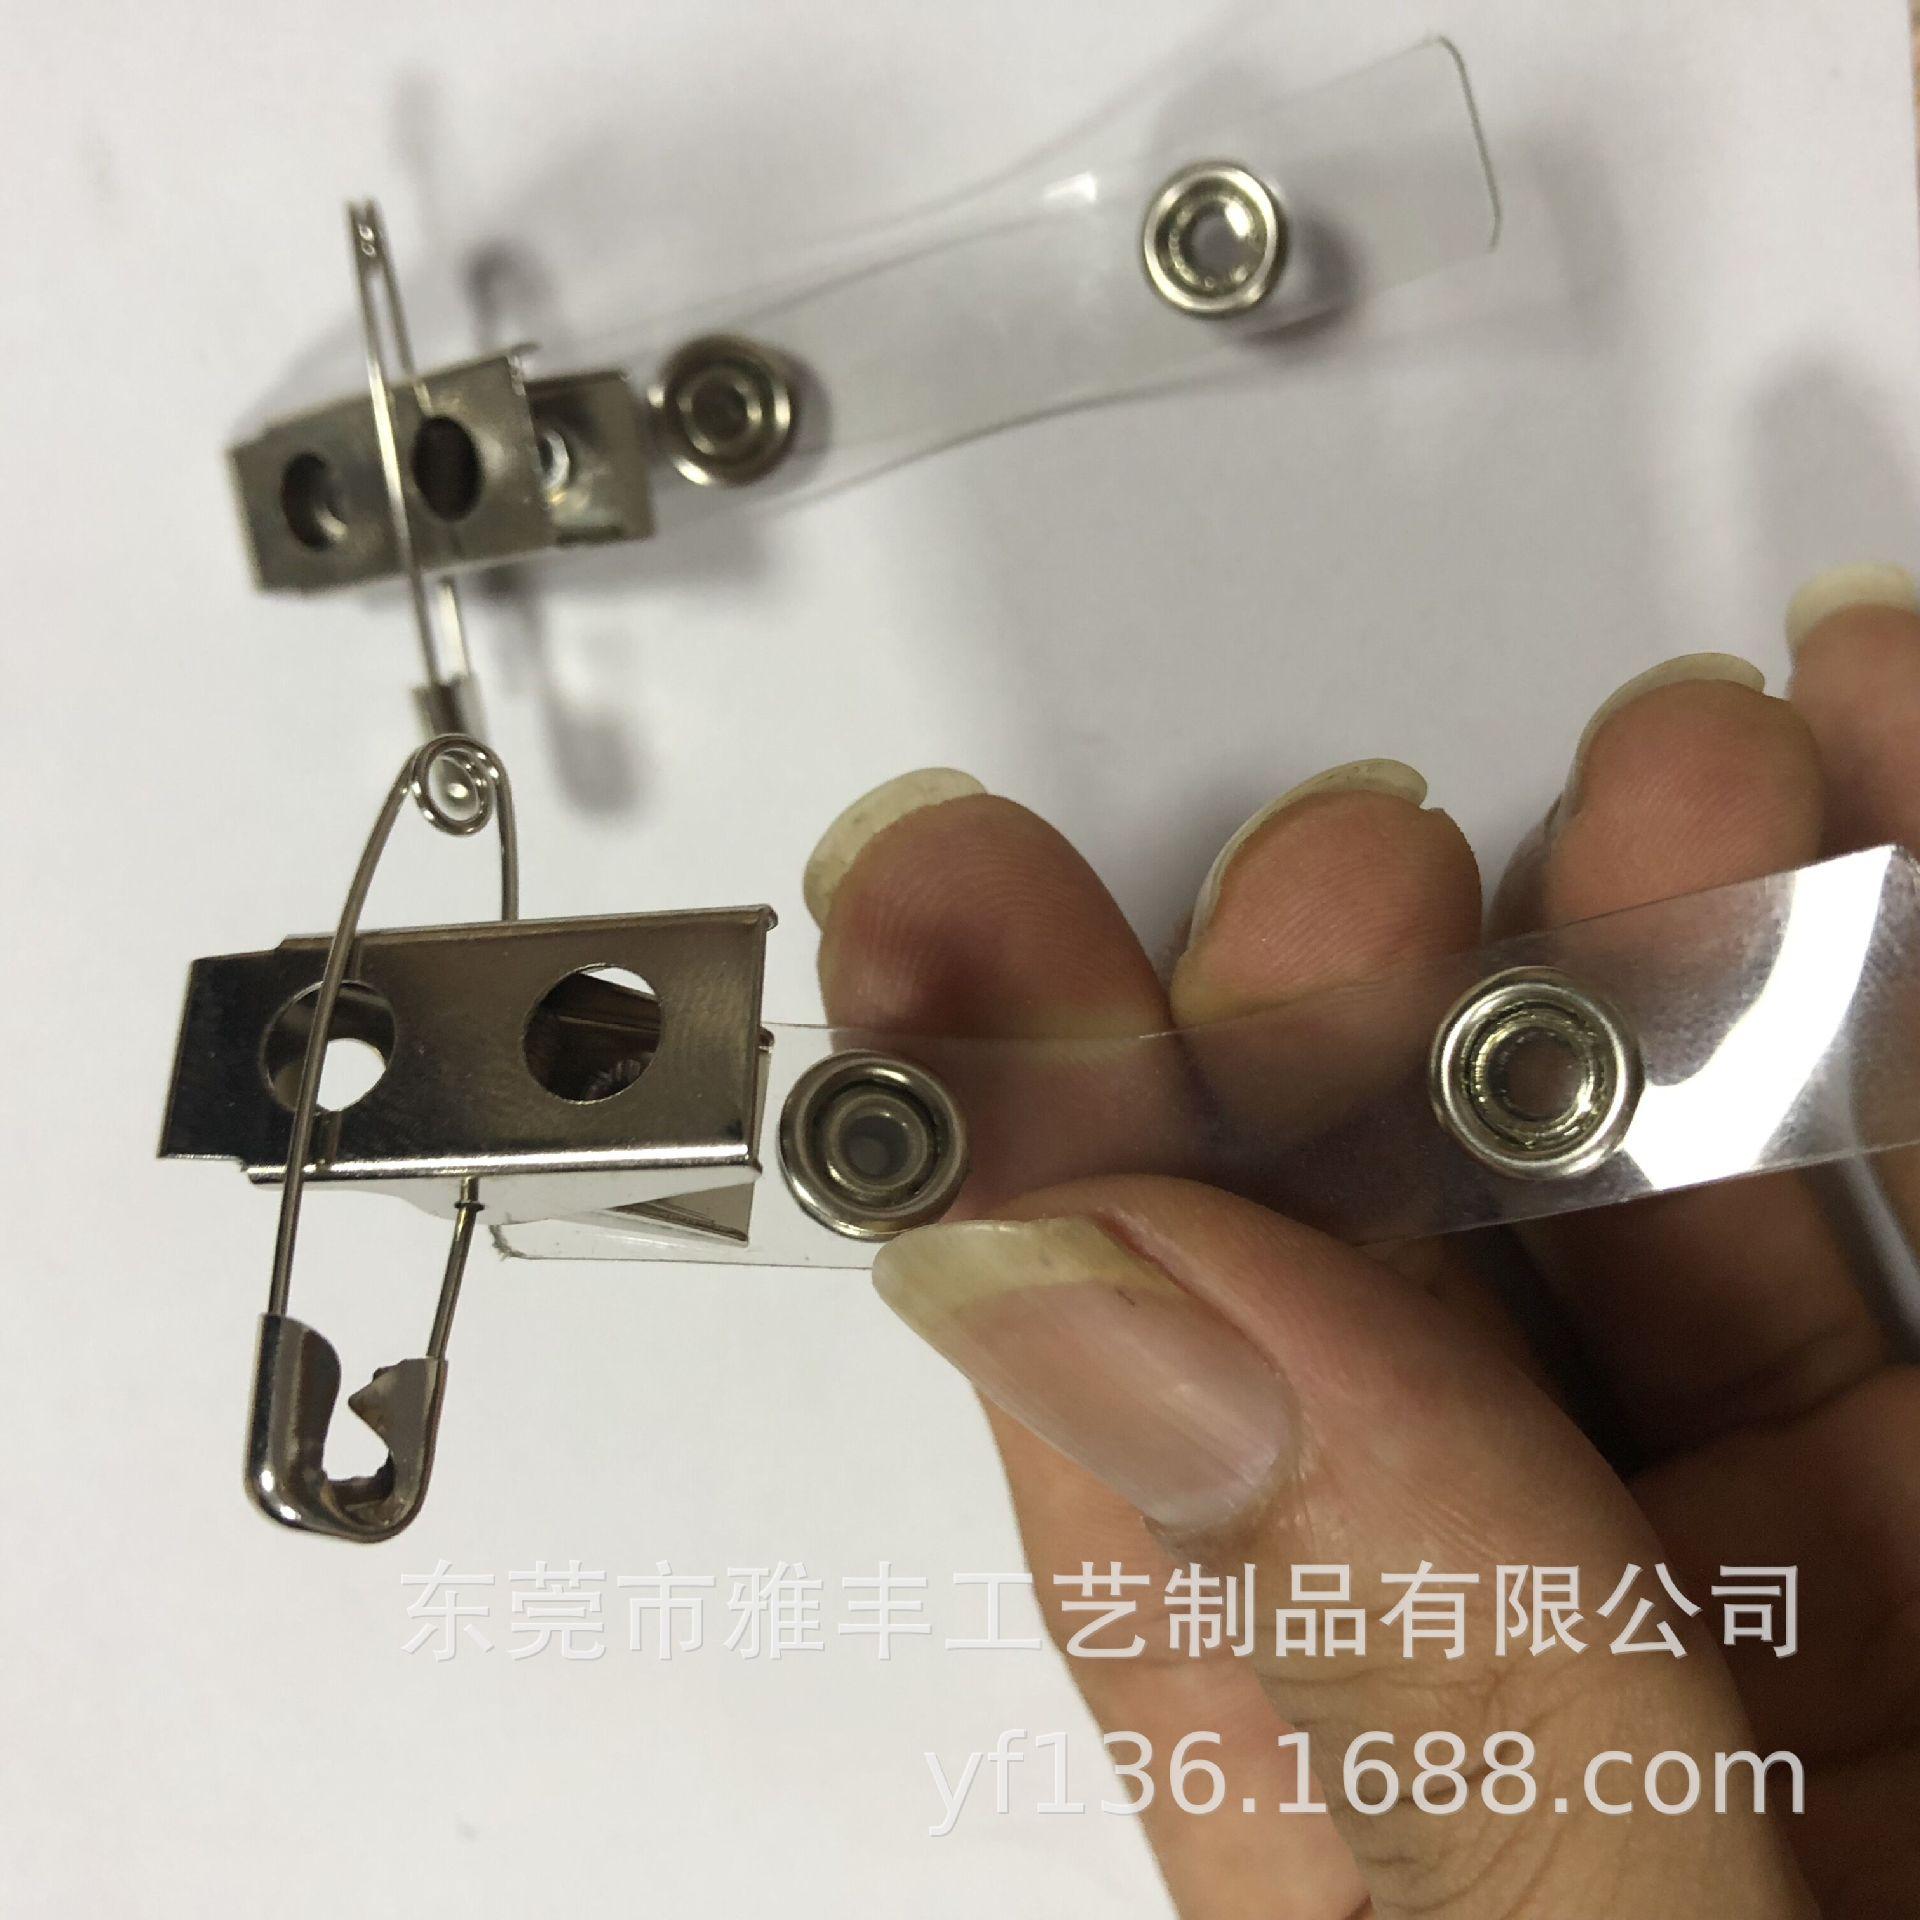 专业生产带别针夹 两孔夹子 证件夹子【带别针厂牌夹】